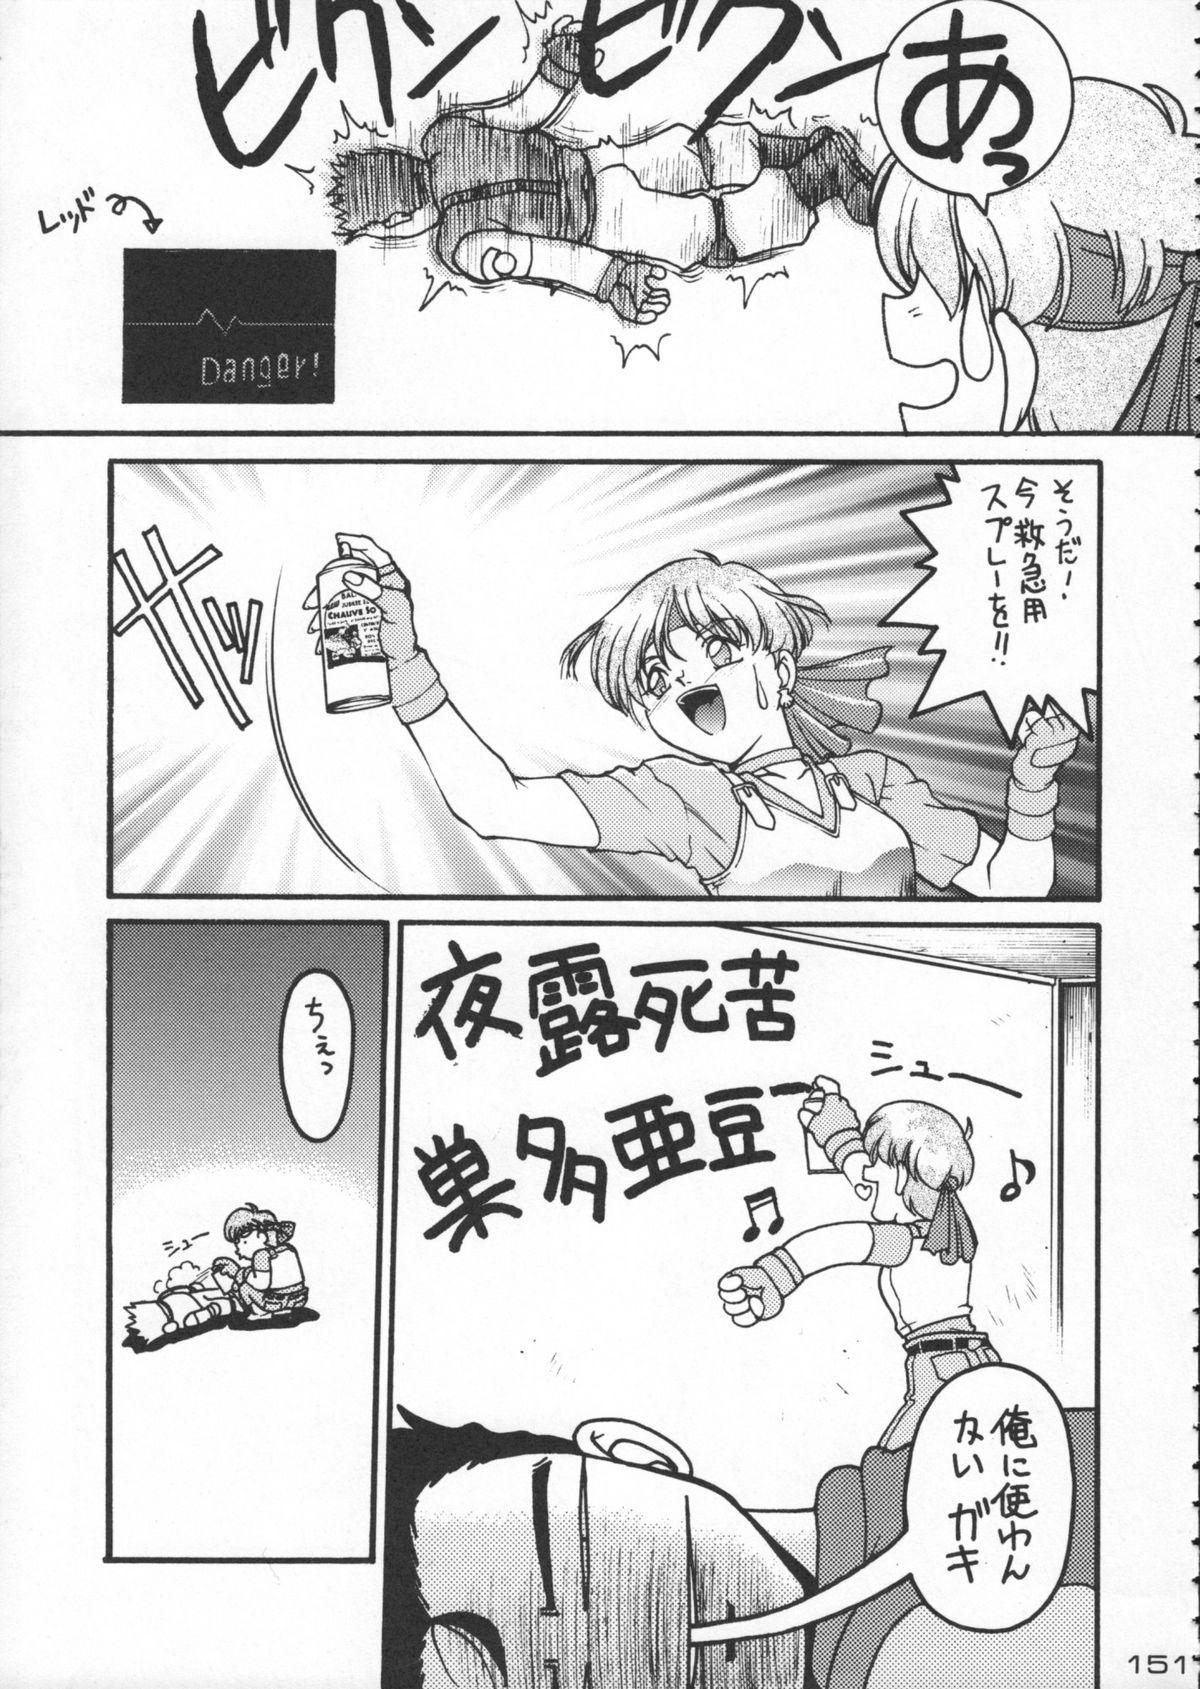 Godzilla vs Curry Aji 151